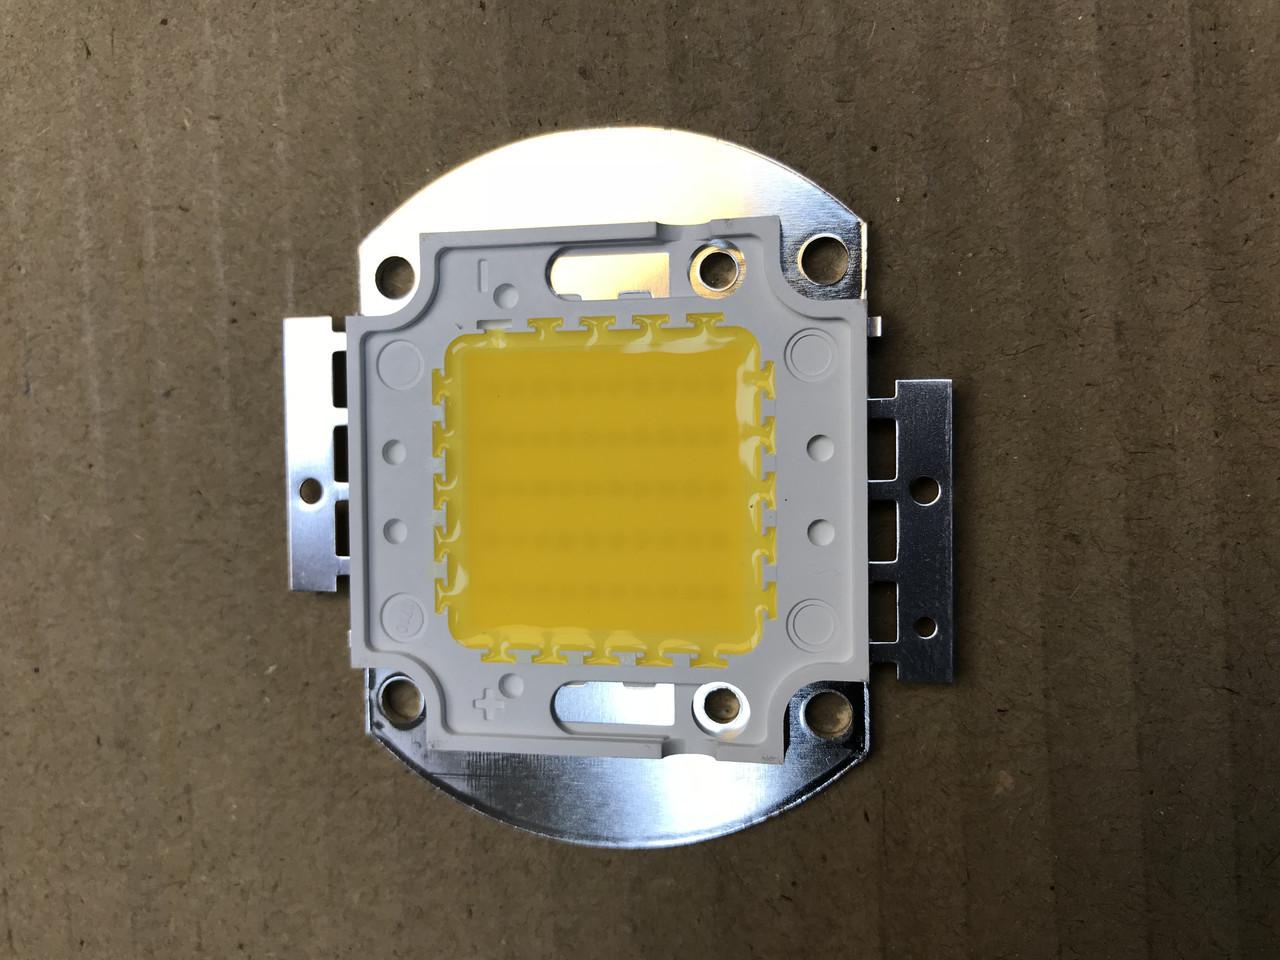 Світлодіод матричний PREMIUM СОВ для прожектора SL-50 50W 3000К (45Х45 mil) Код.58816